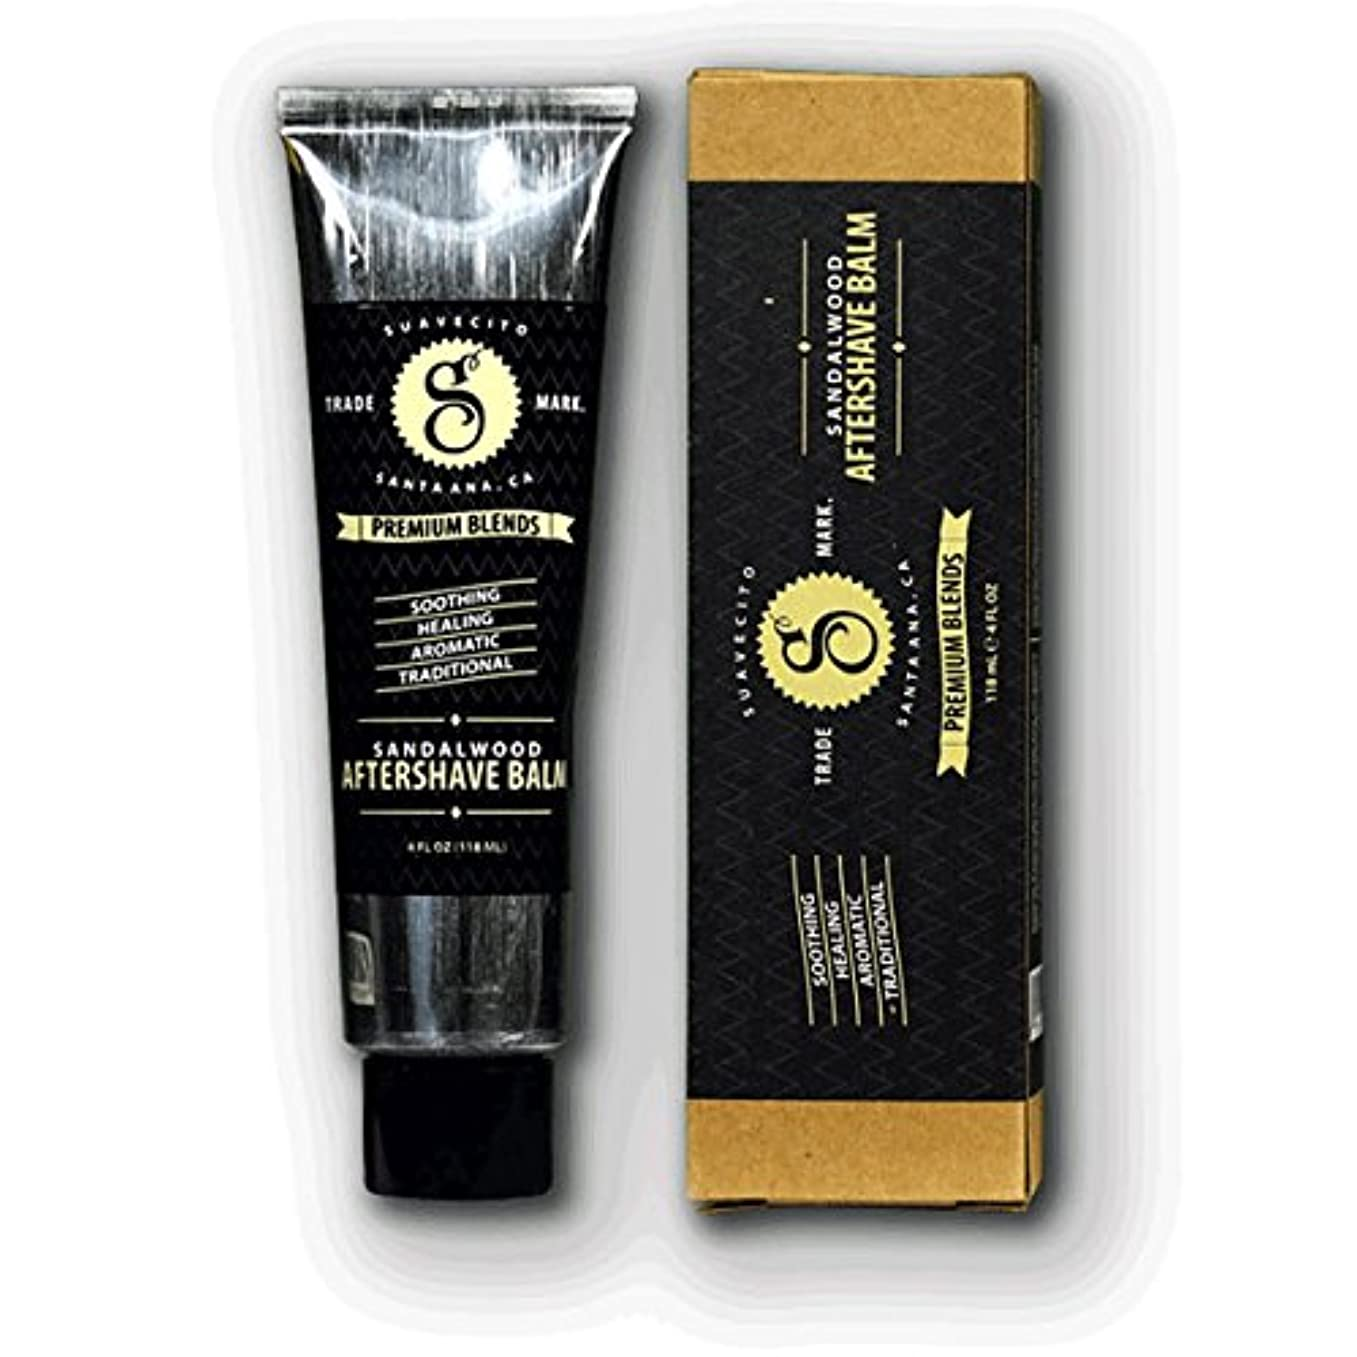 スワップ幾何学運賃SUAVECITO スアベシート 【Premium Blends Sandalwood Aftershave Balm 4oz】 シェービングクリーム 4OZ(約110G)